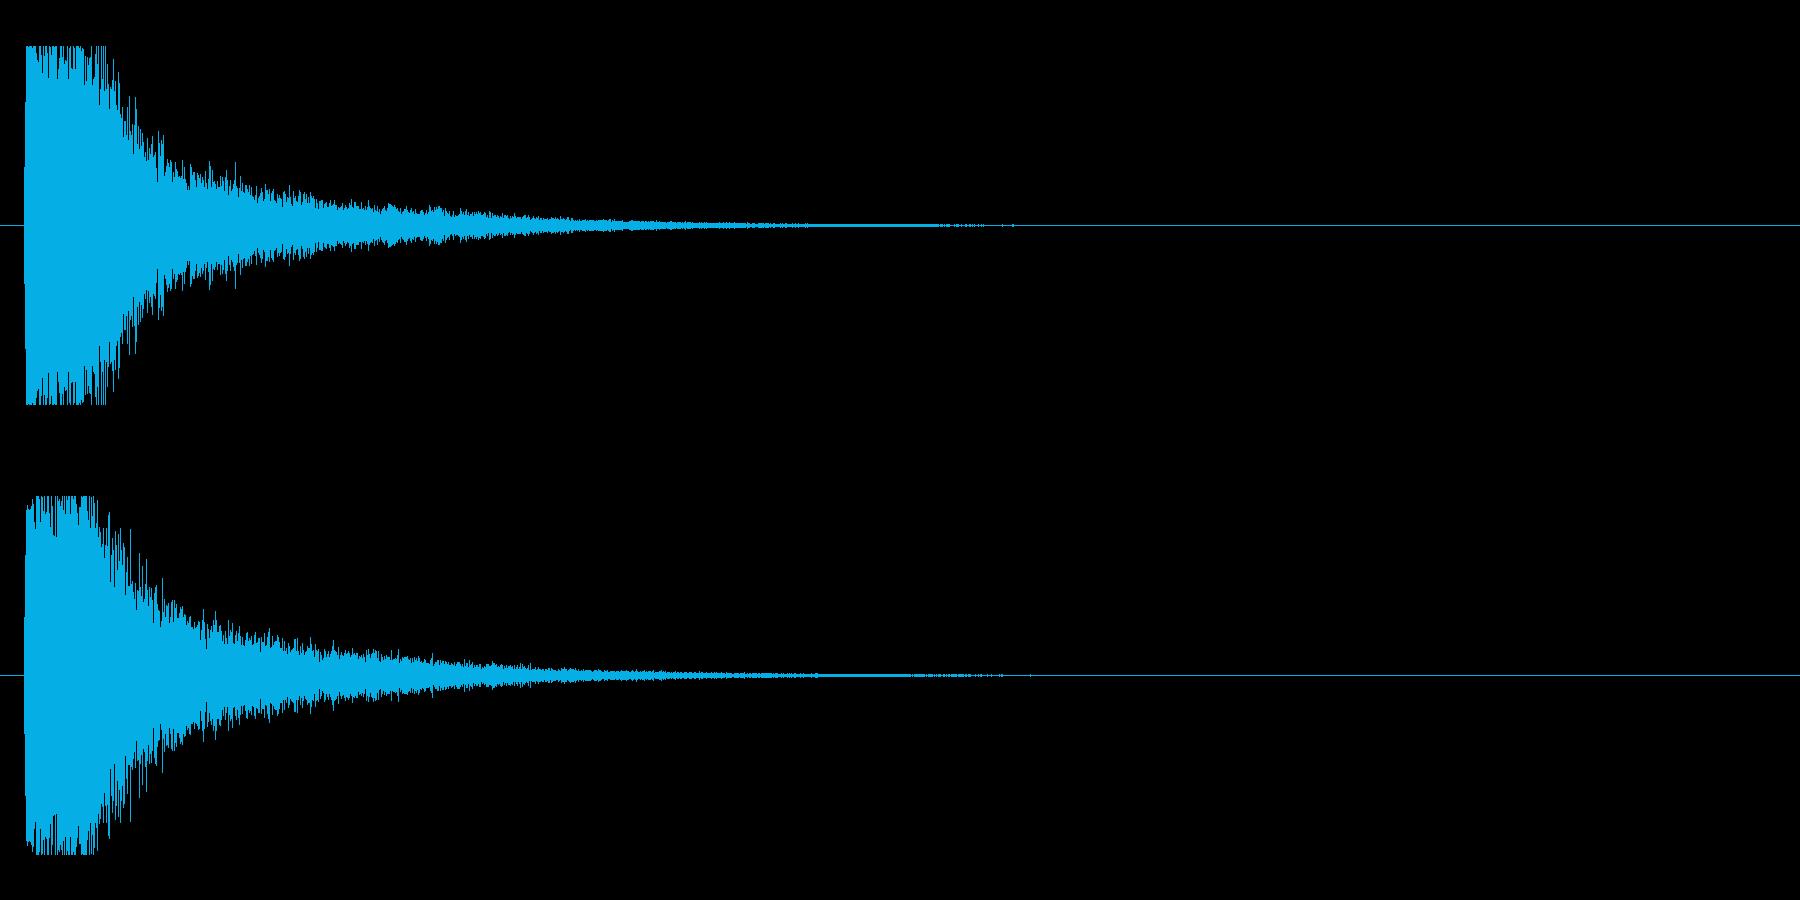 レーザー音-13-1の再生済みの波形